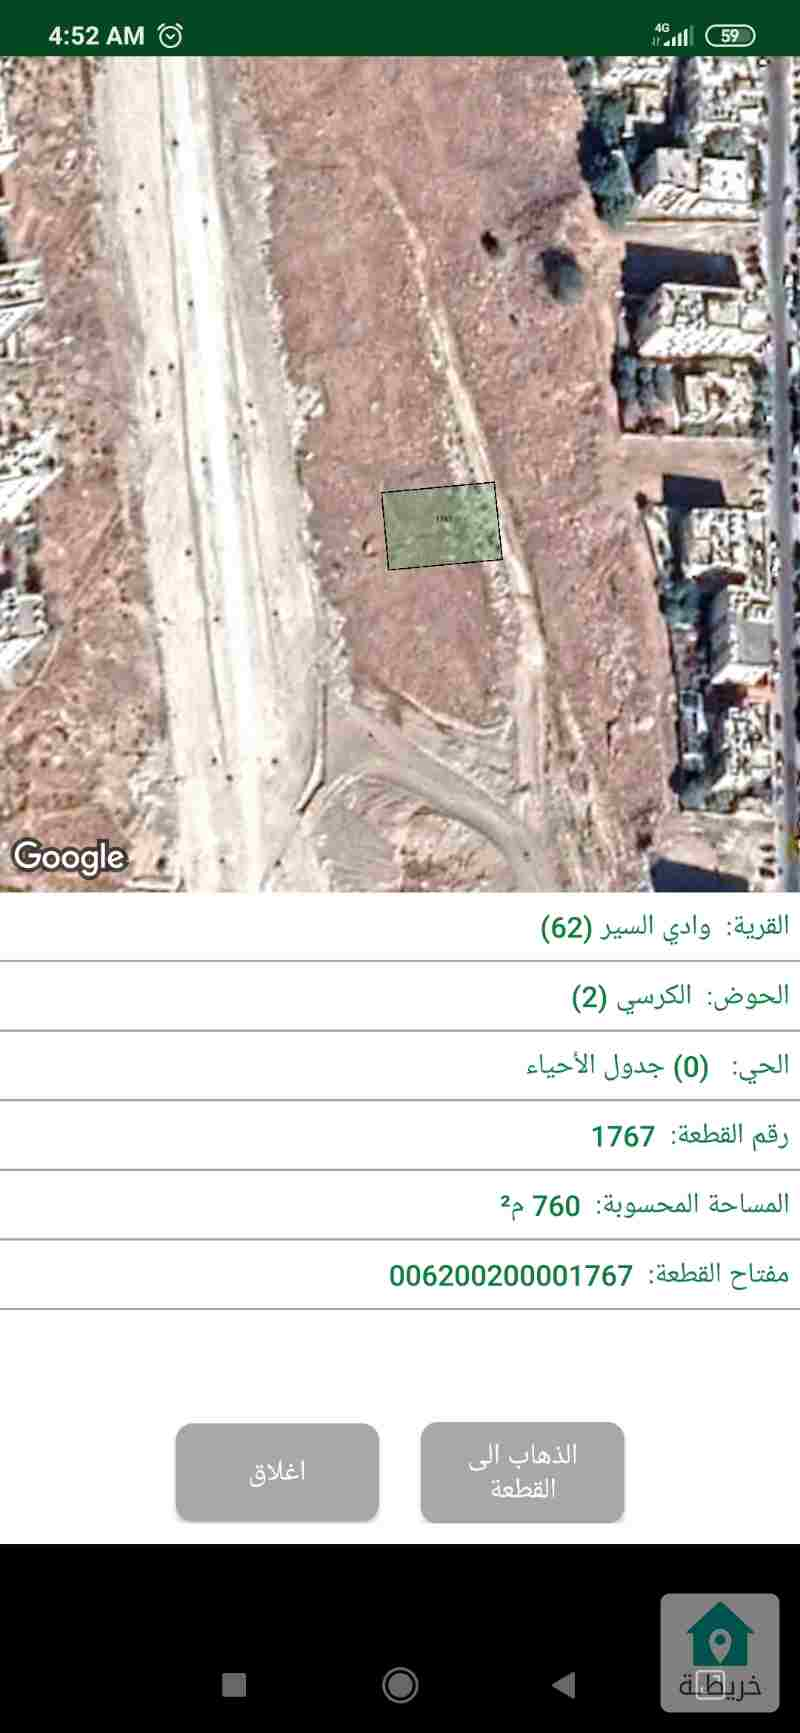 ارض للبيع بمنطقة عمان الغربية حوض الكرسي بسعر مغري من المالك مباشرة و قابل للتفاوض